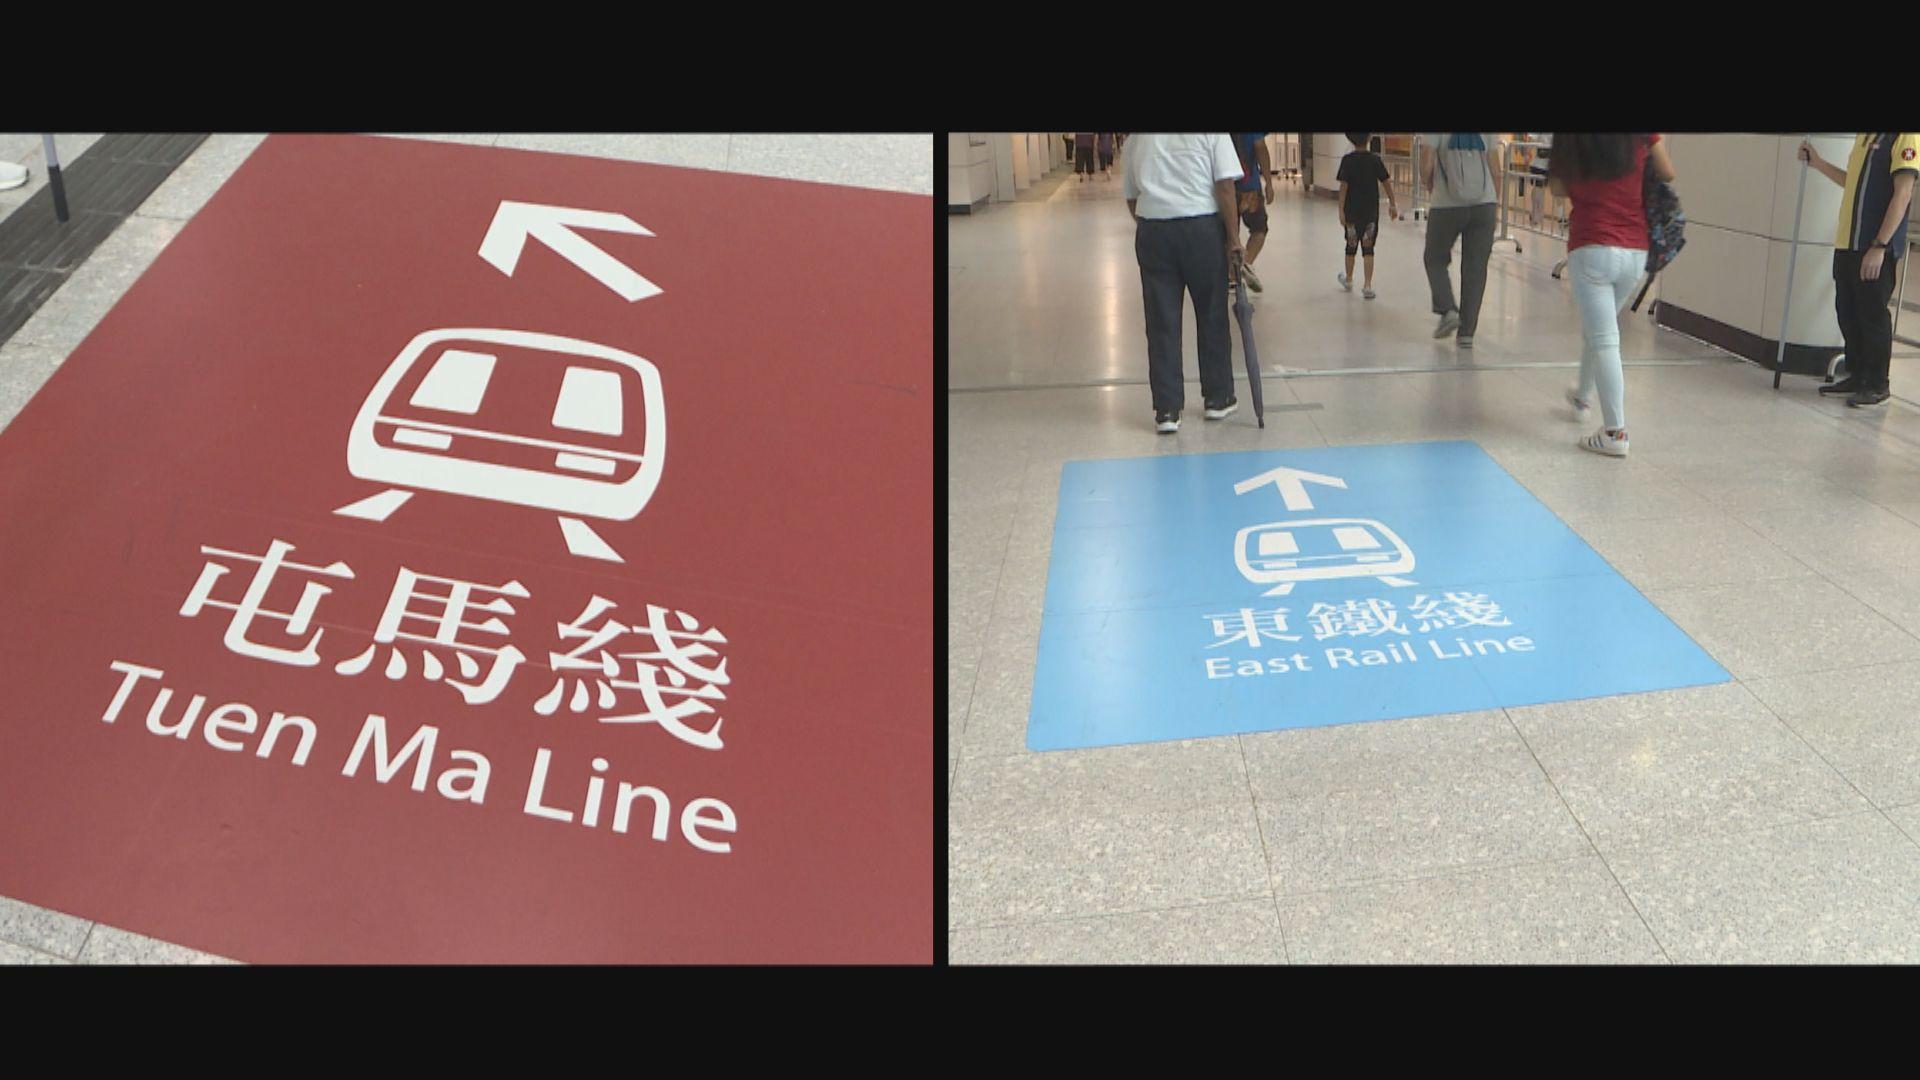 【記者實測】紅磡往馬鞍山 乘東鐵綫大圍轉車和屯馬綫直達需時相若